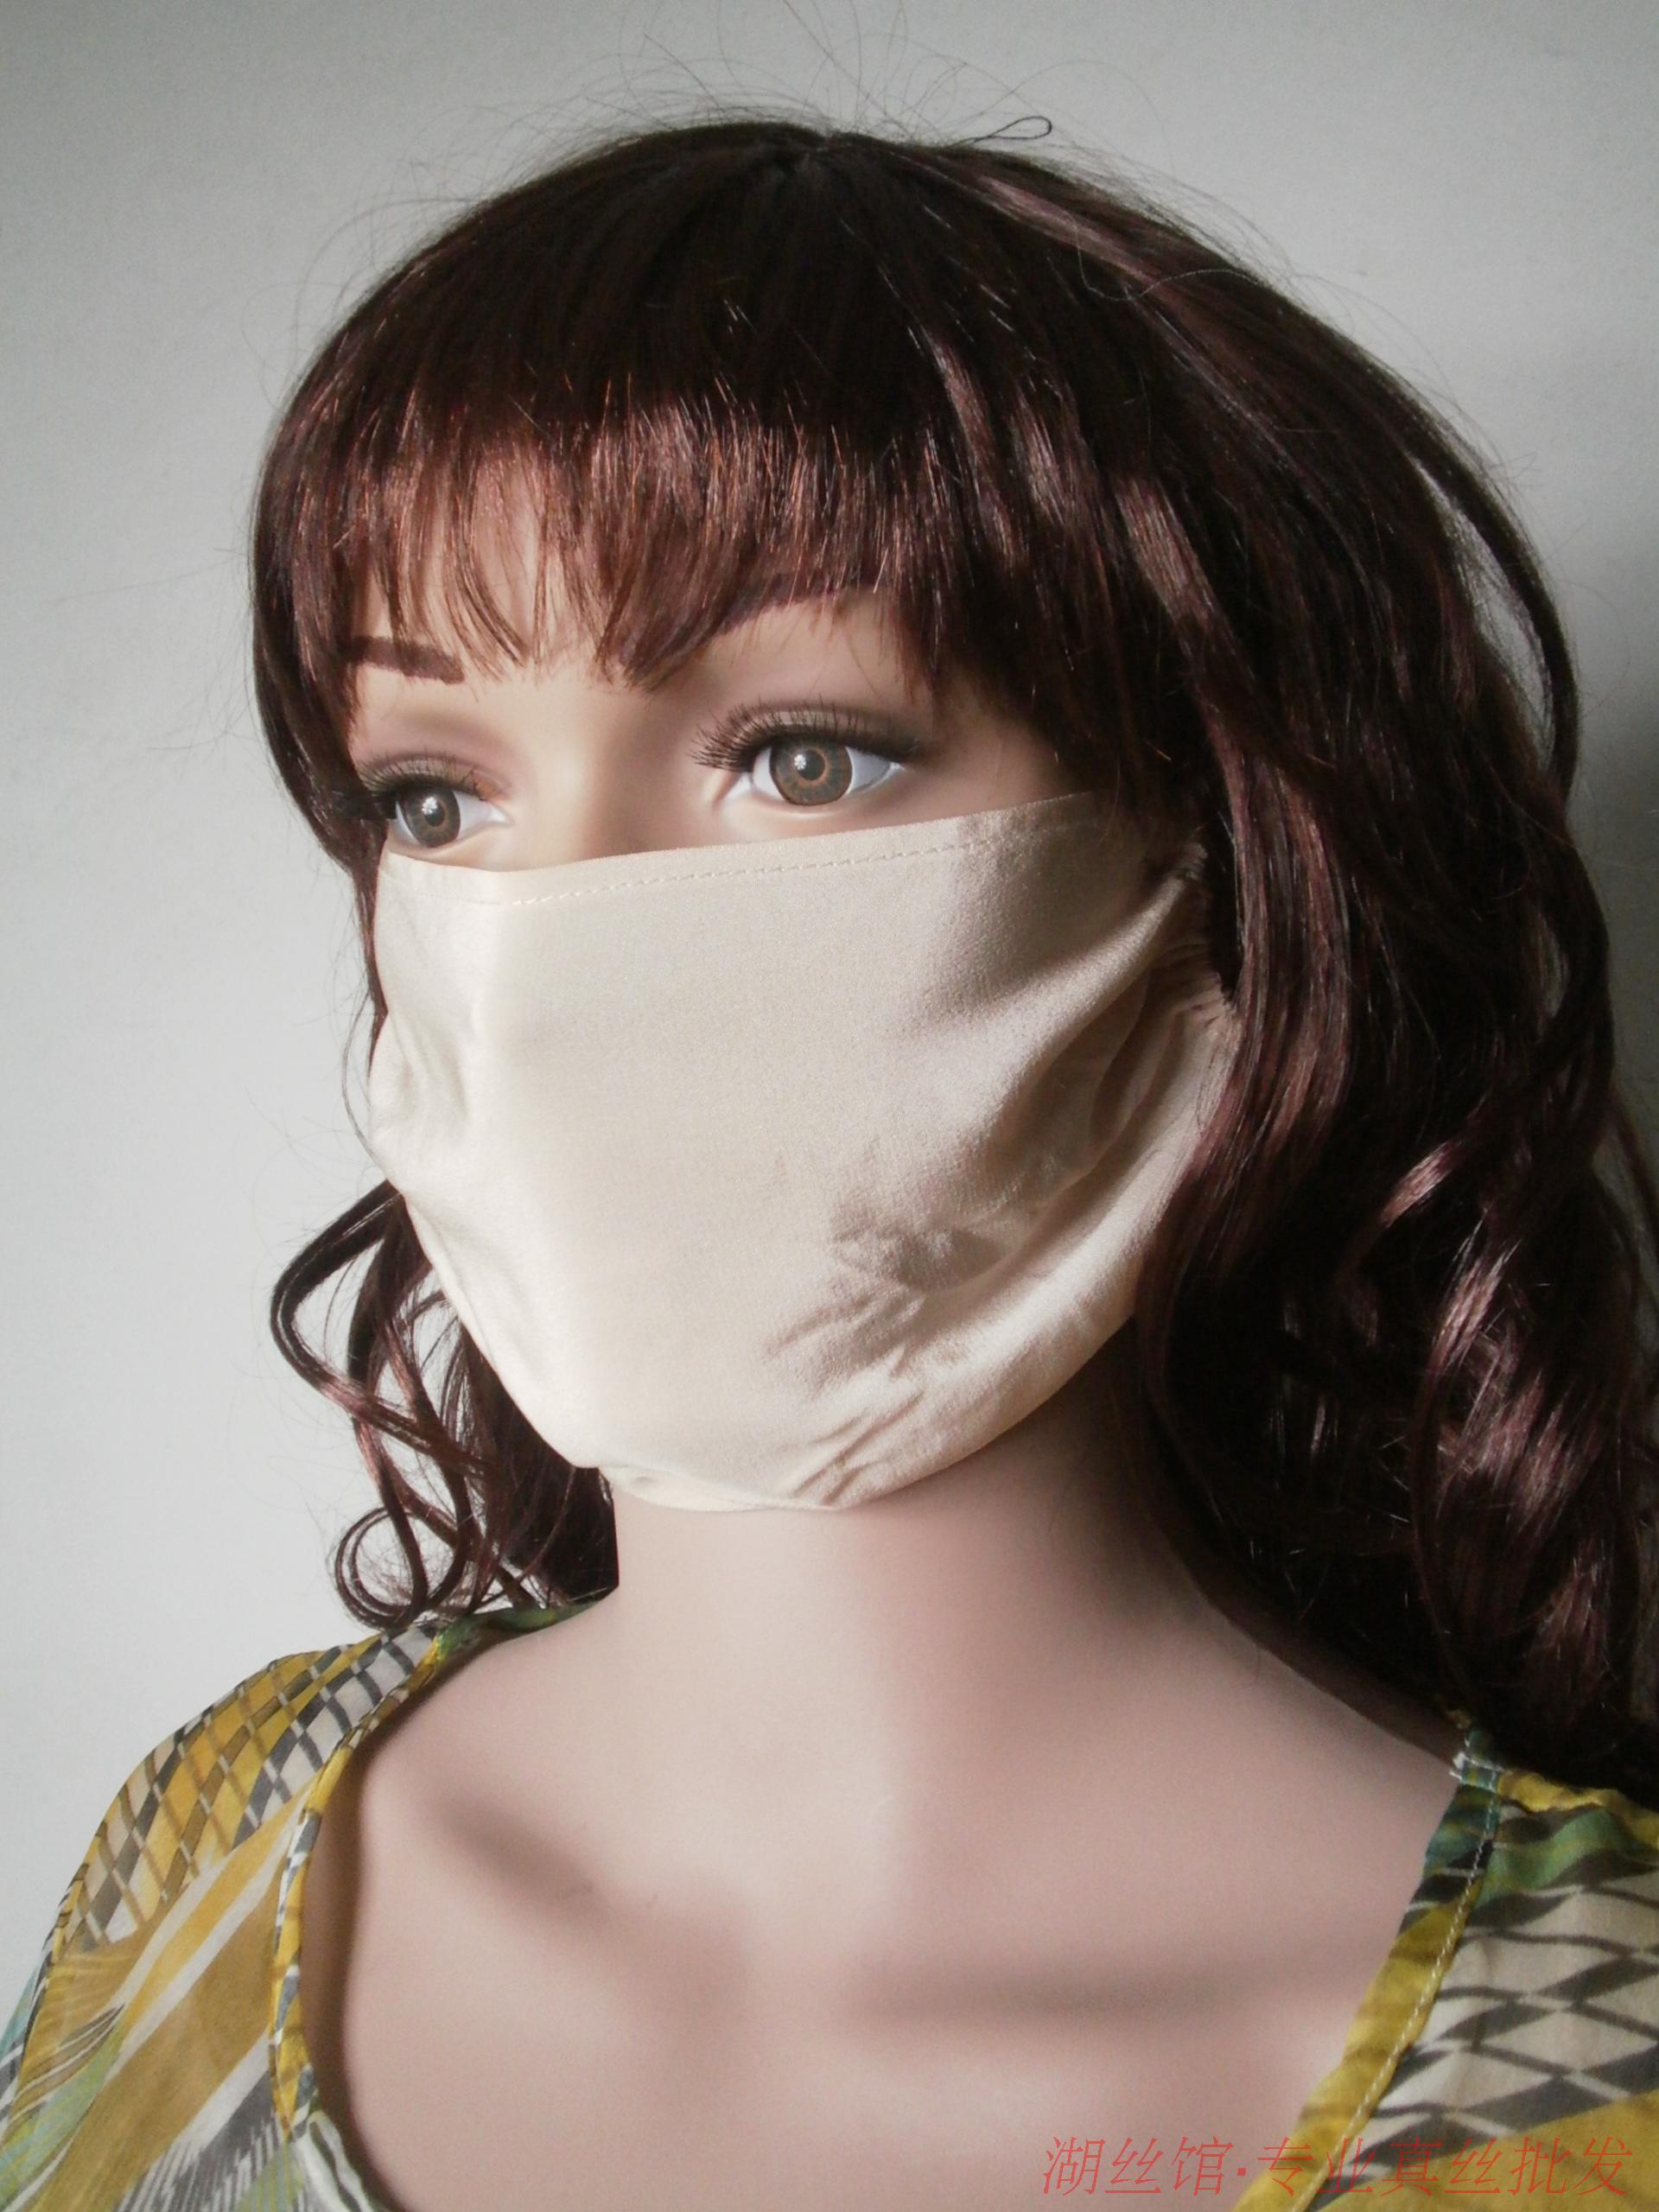 夏季加大尺寸单层纯真丝口罩 防风防尘防晒防紫外线流感 成年通用